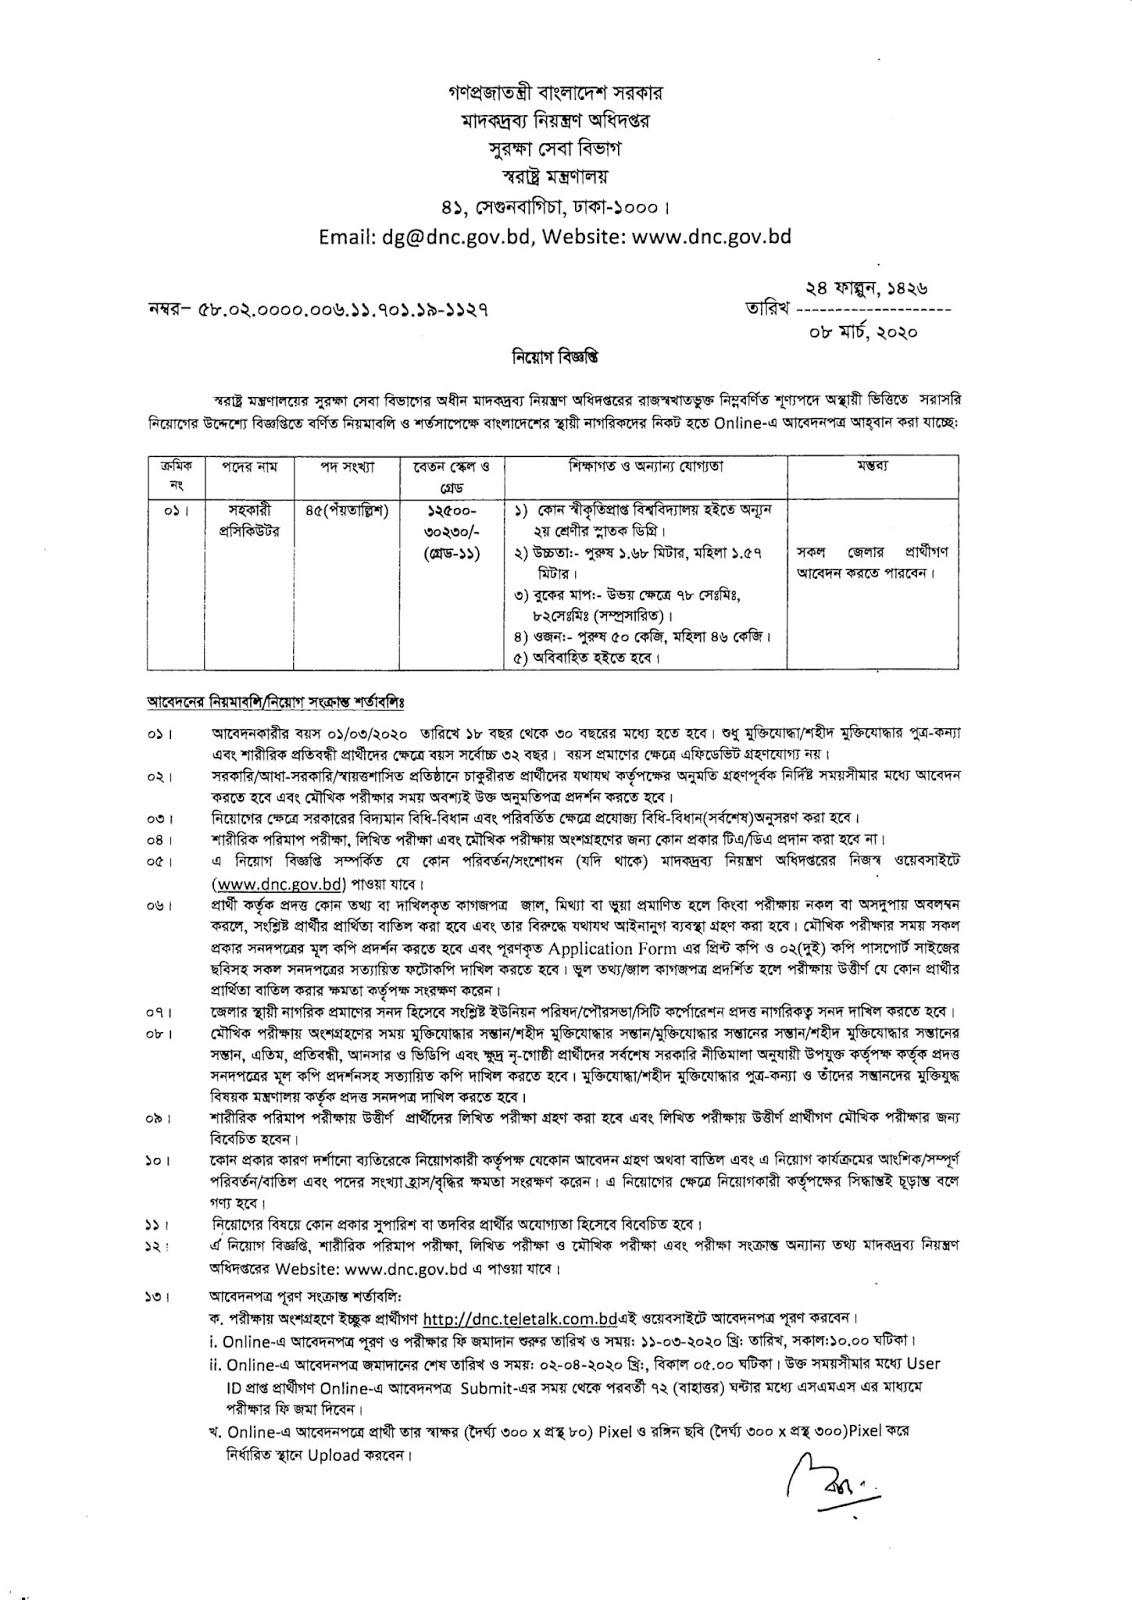 dnc job circular bd